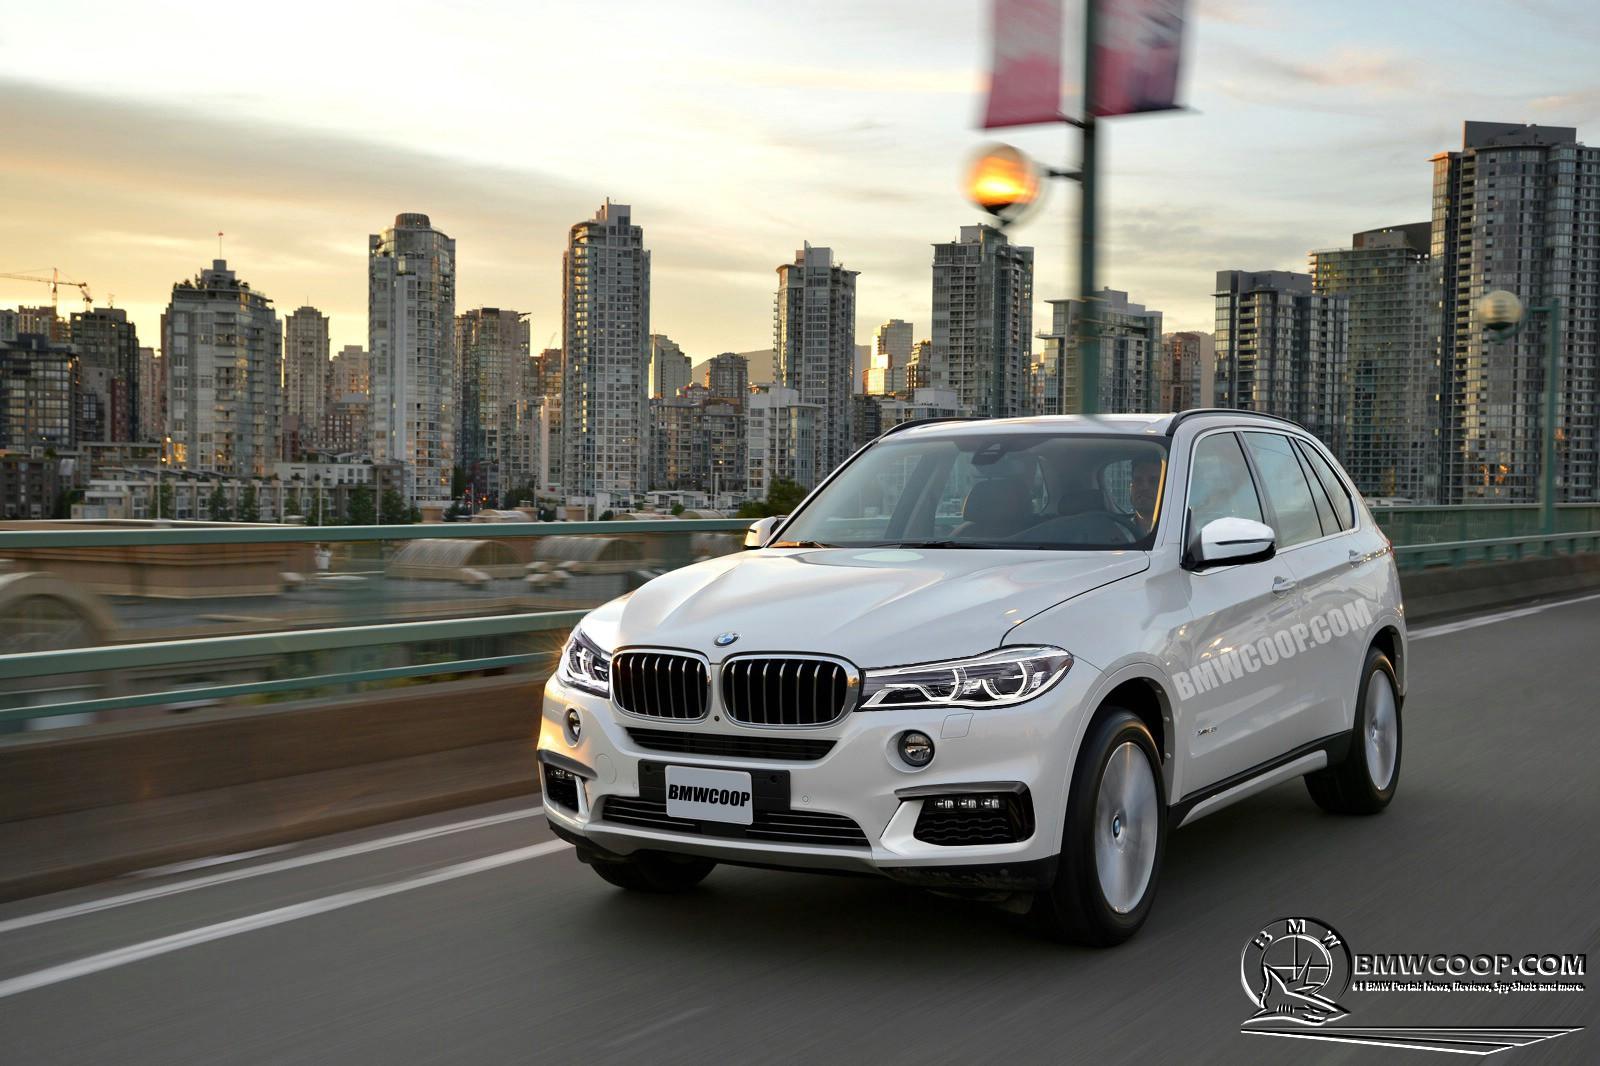 Exclusive 2017 BMW X7 Rendered  BMWCoop